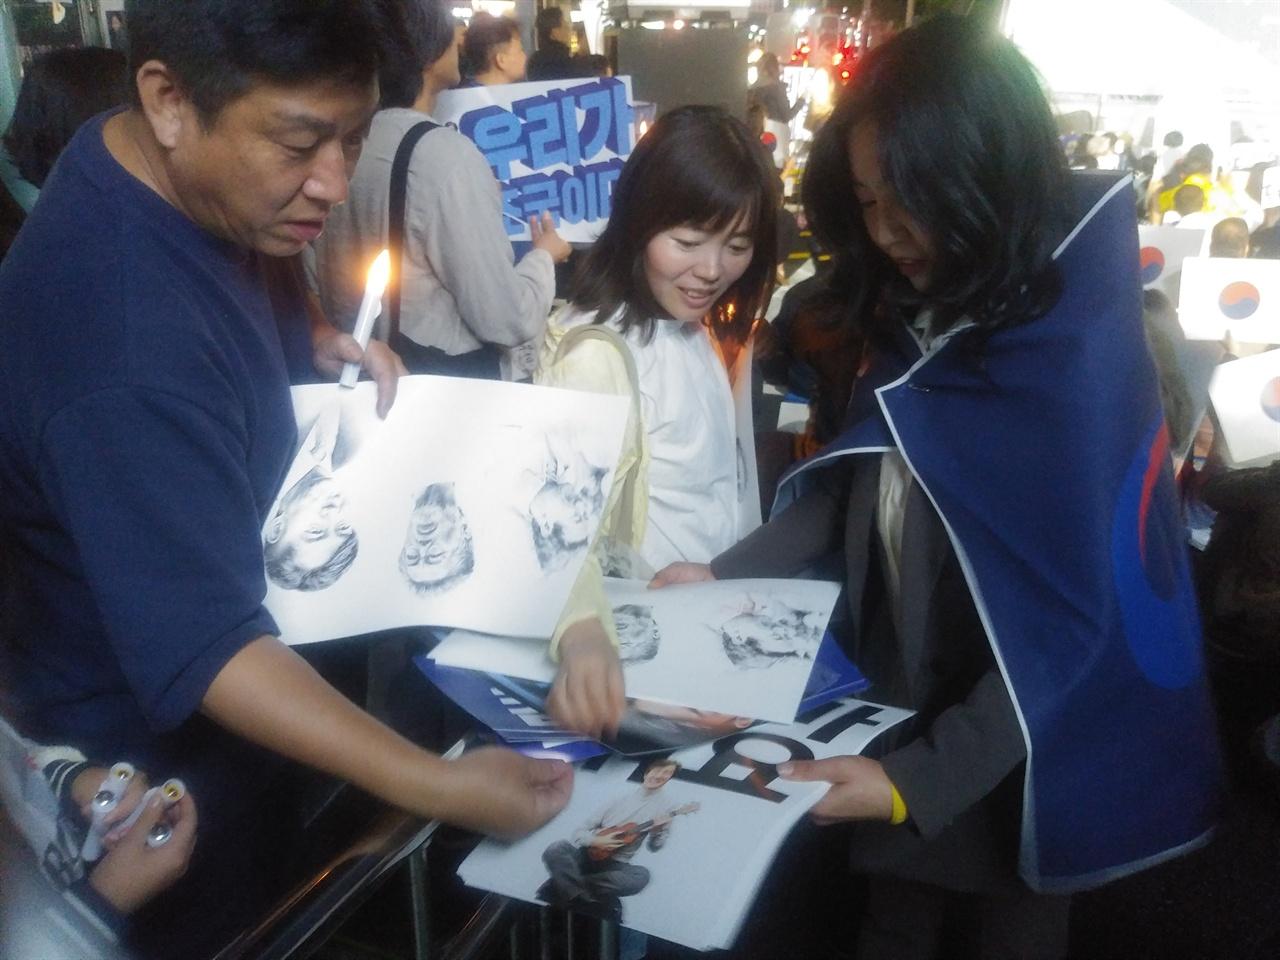 제주촛불집회 시민들이 촛불집회를 참가하기 위해 홍보물을 받고 있다.